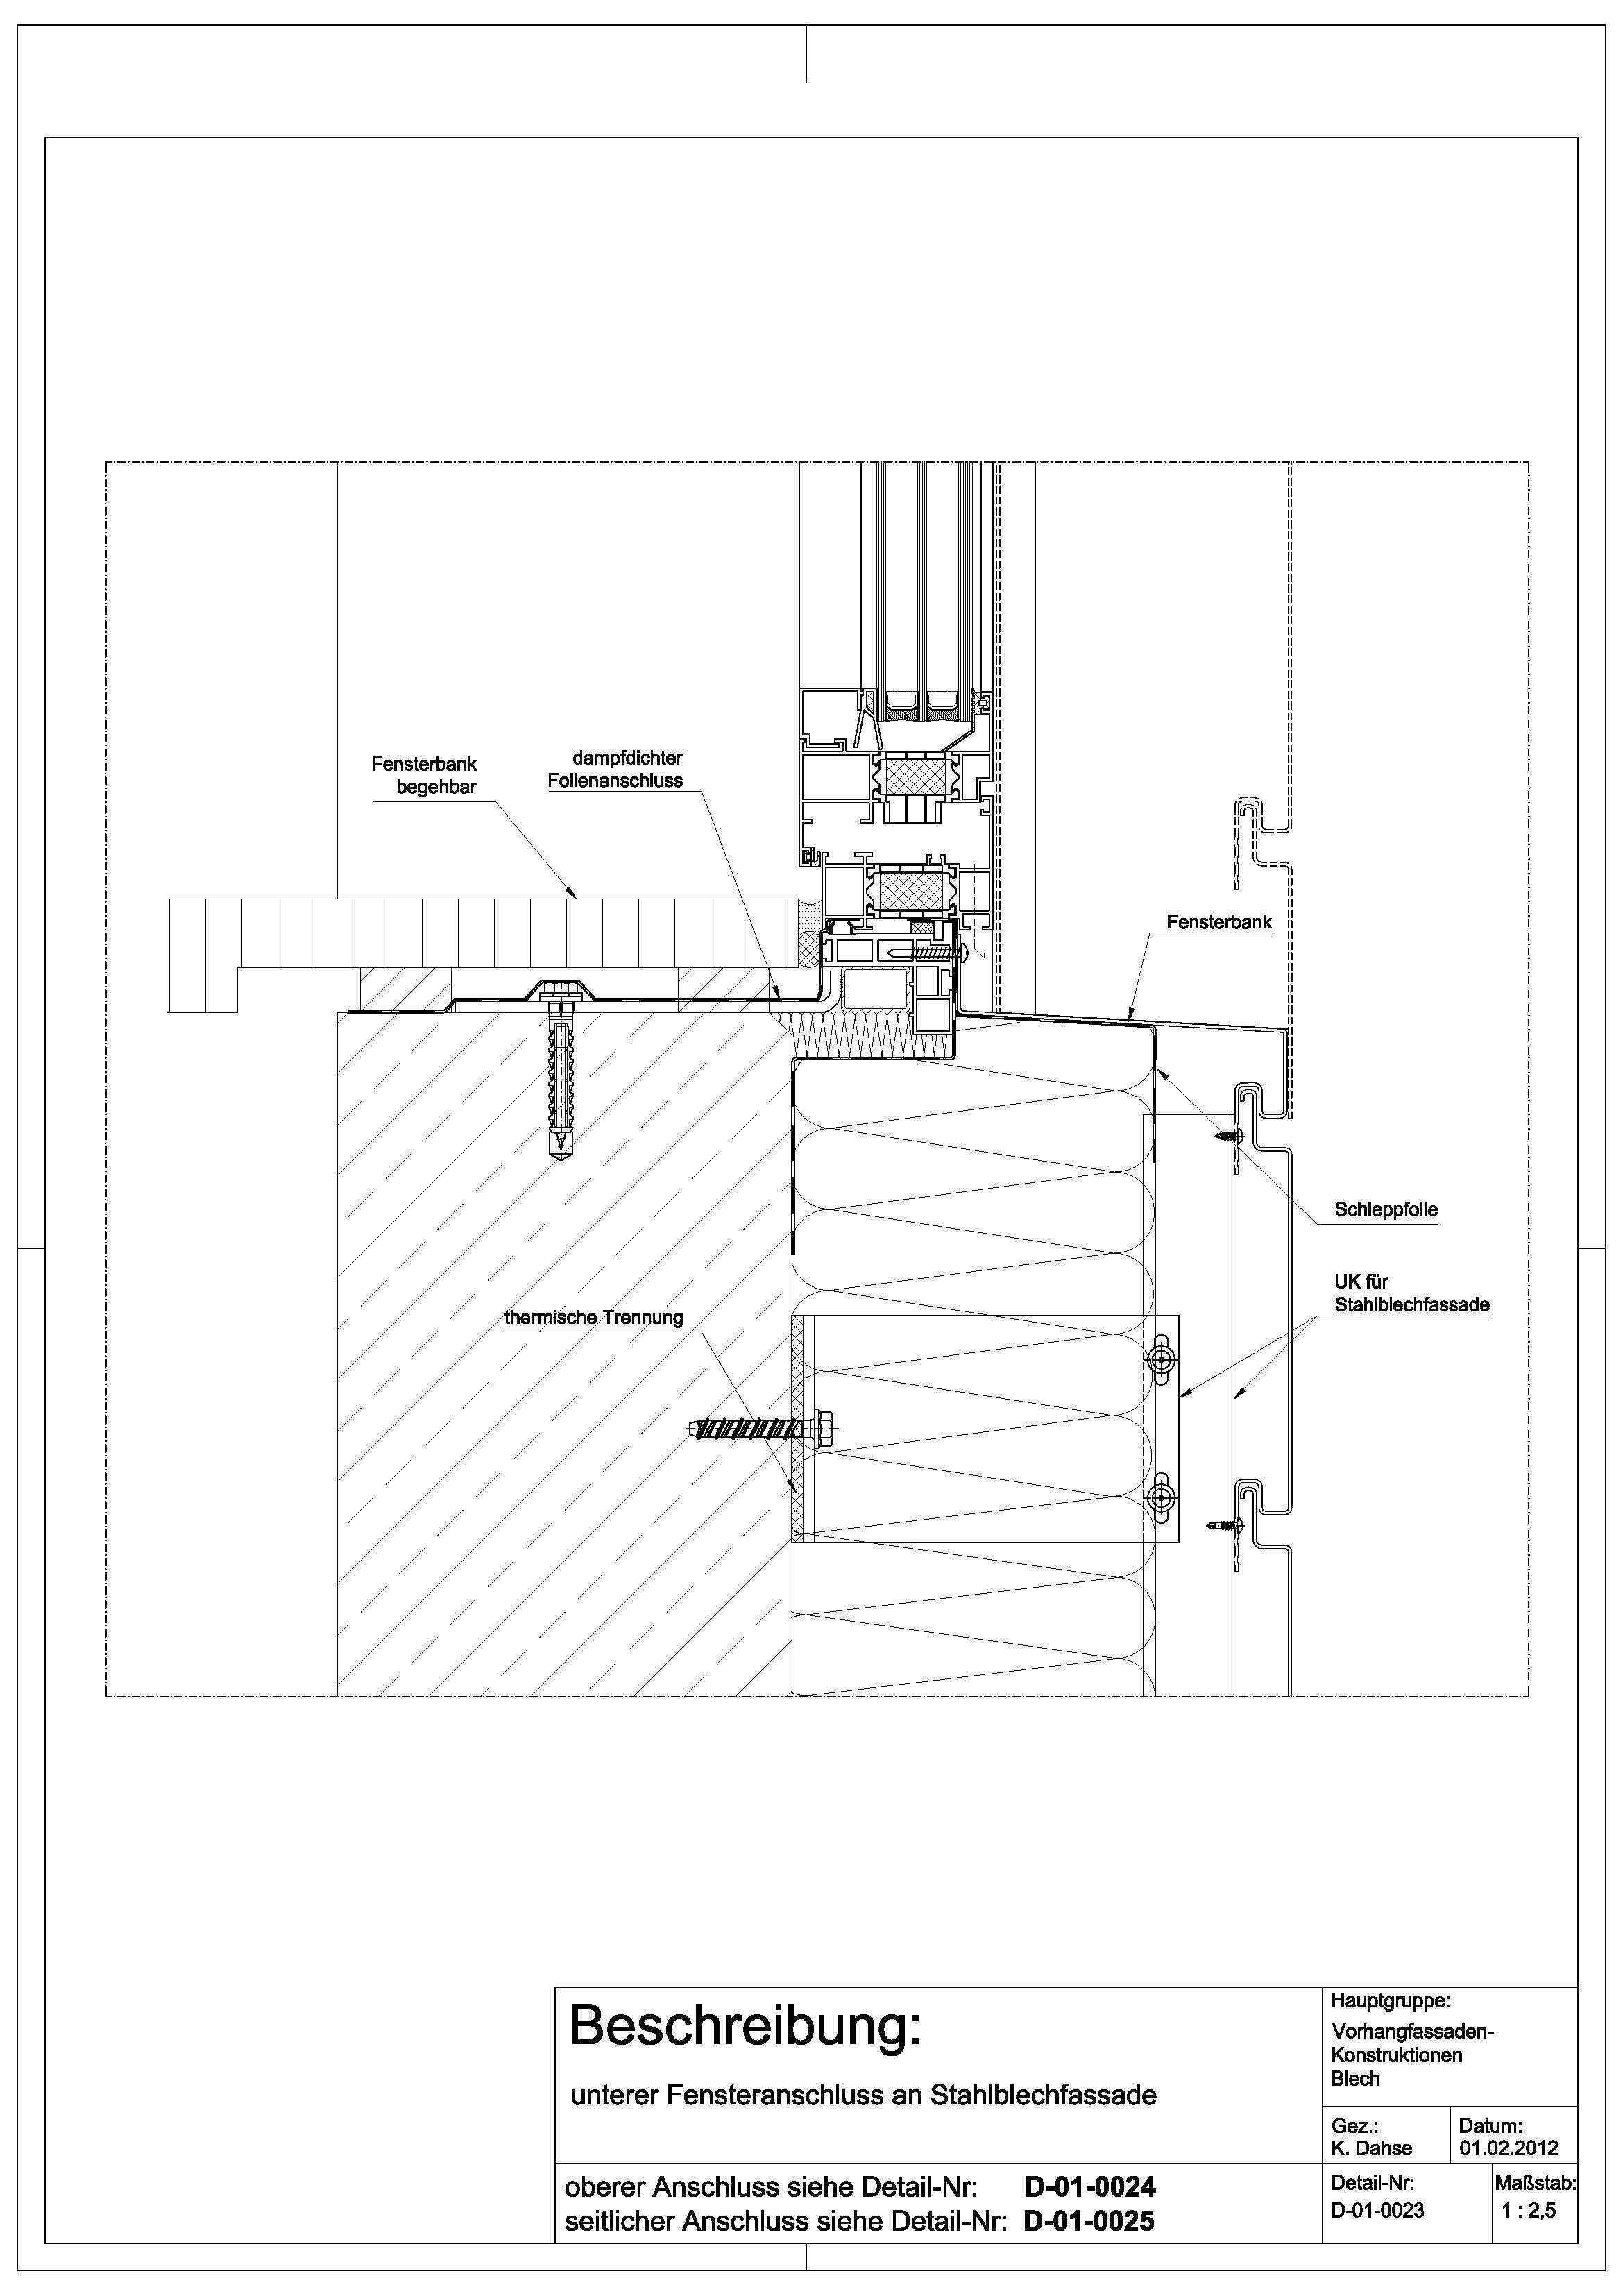 D010023 unterer Fensteranschluss an Stahlblechfassade